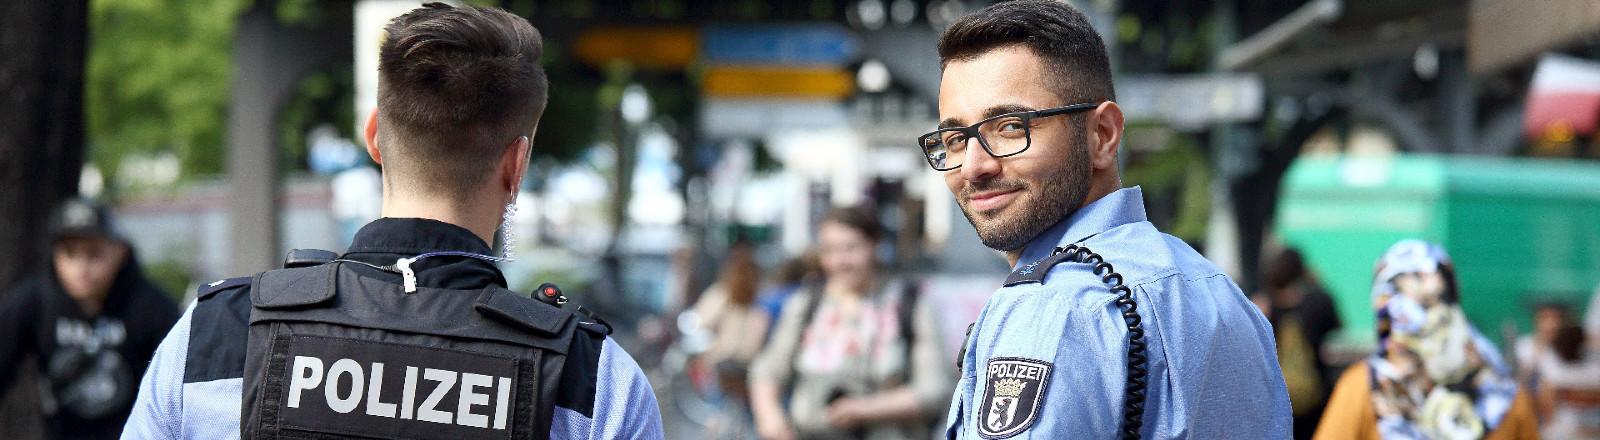 Polizist mit Migrationshintergrund